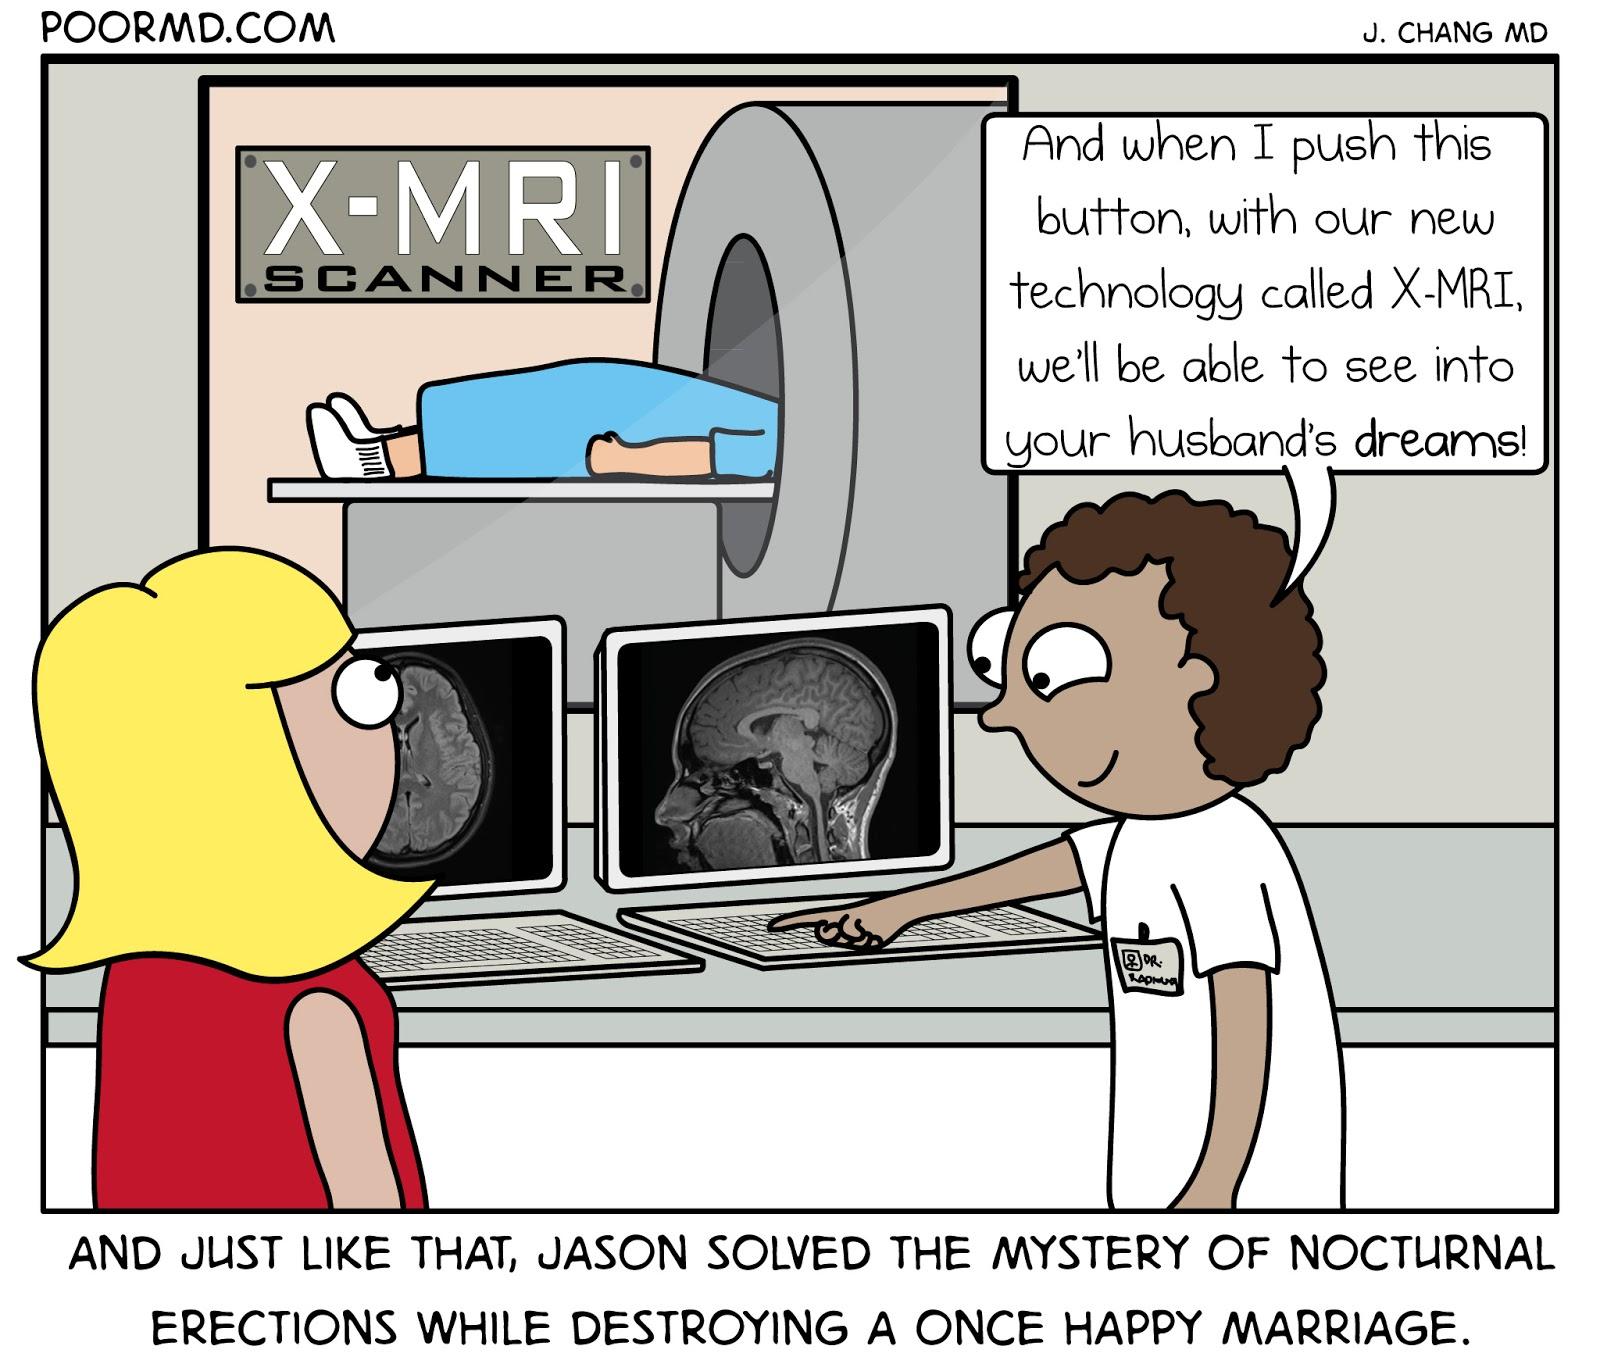 X-MRI